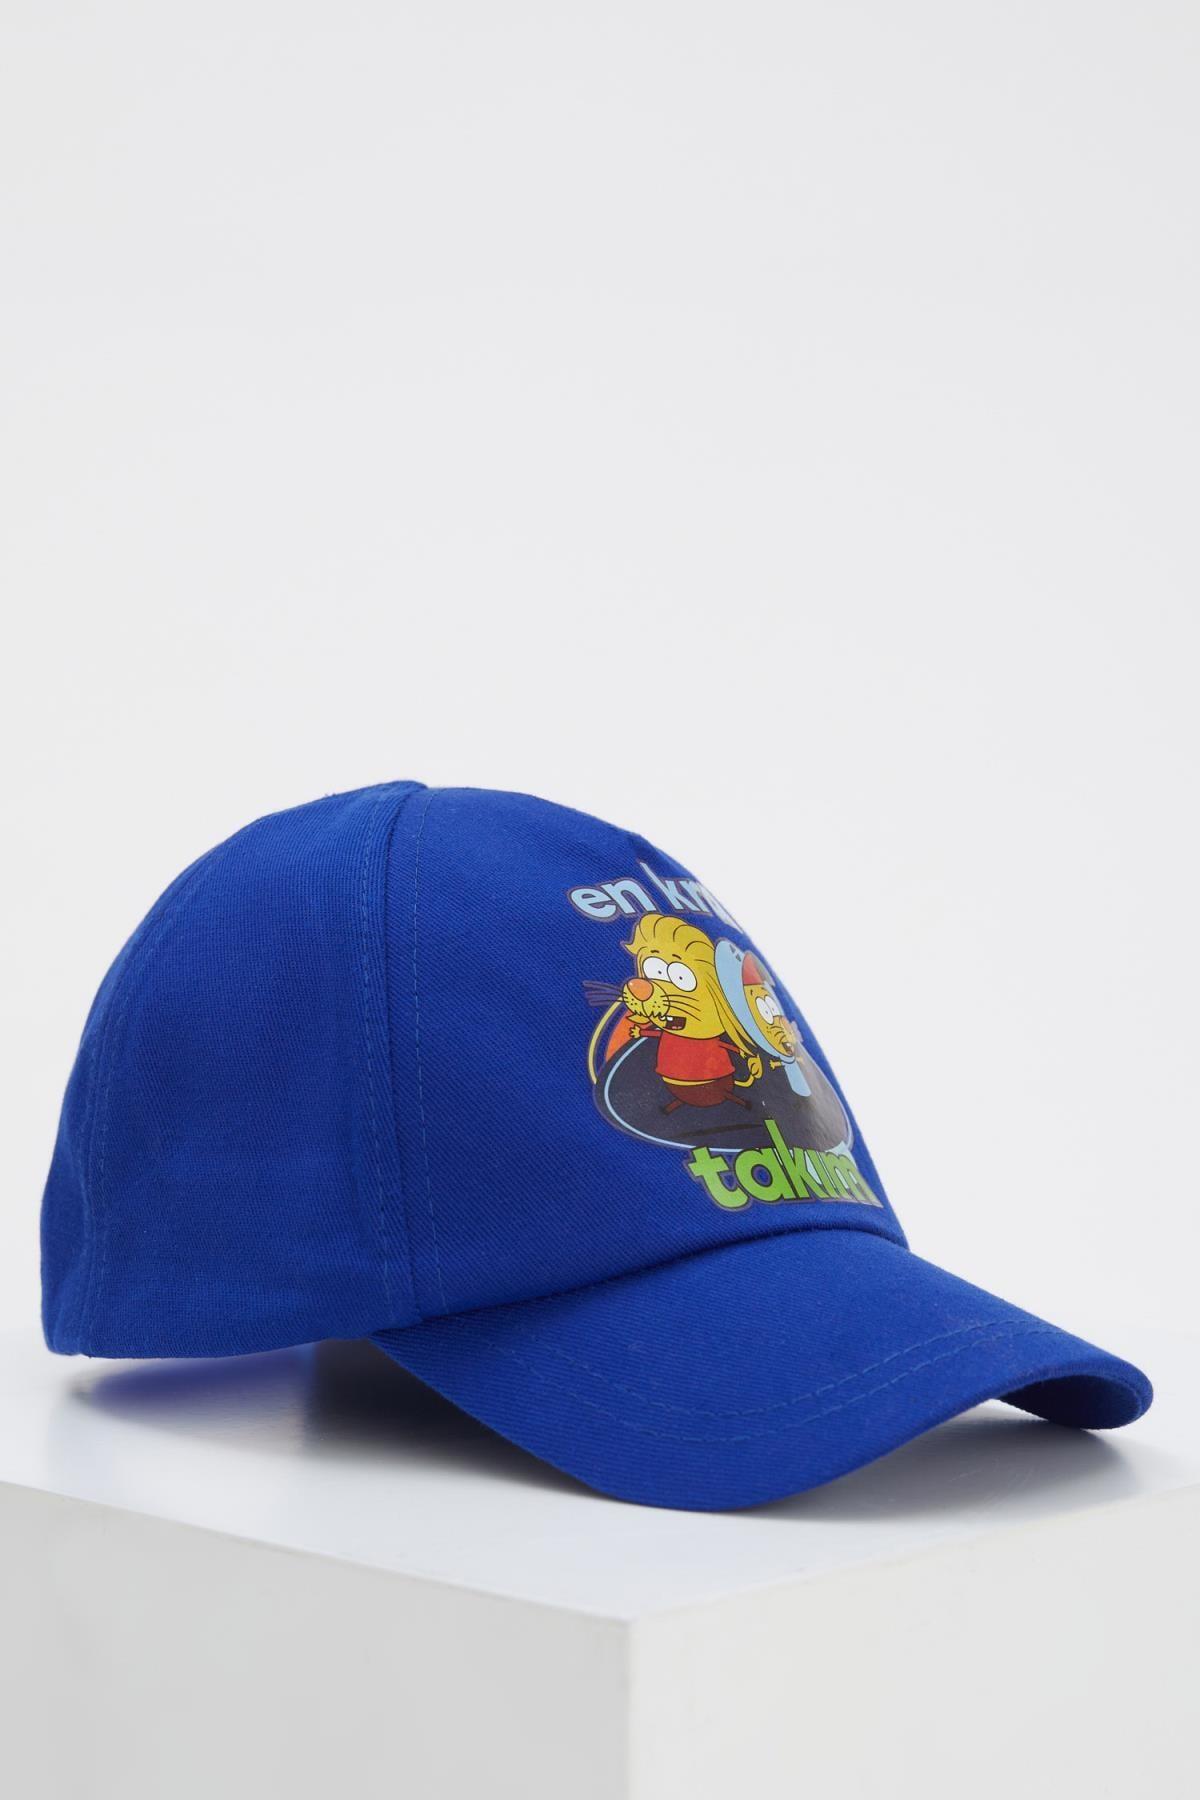 Erkek Çocuk Kral Şakir Lisanslı Baseball Şapka